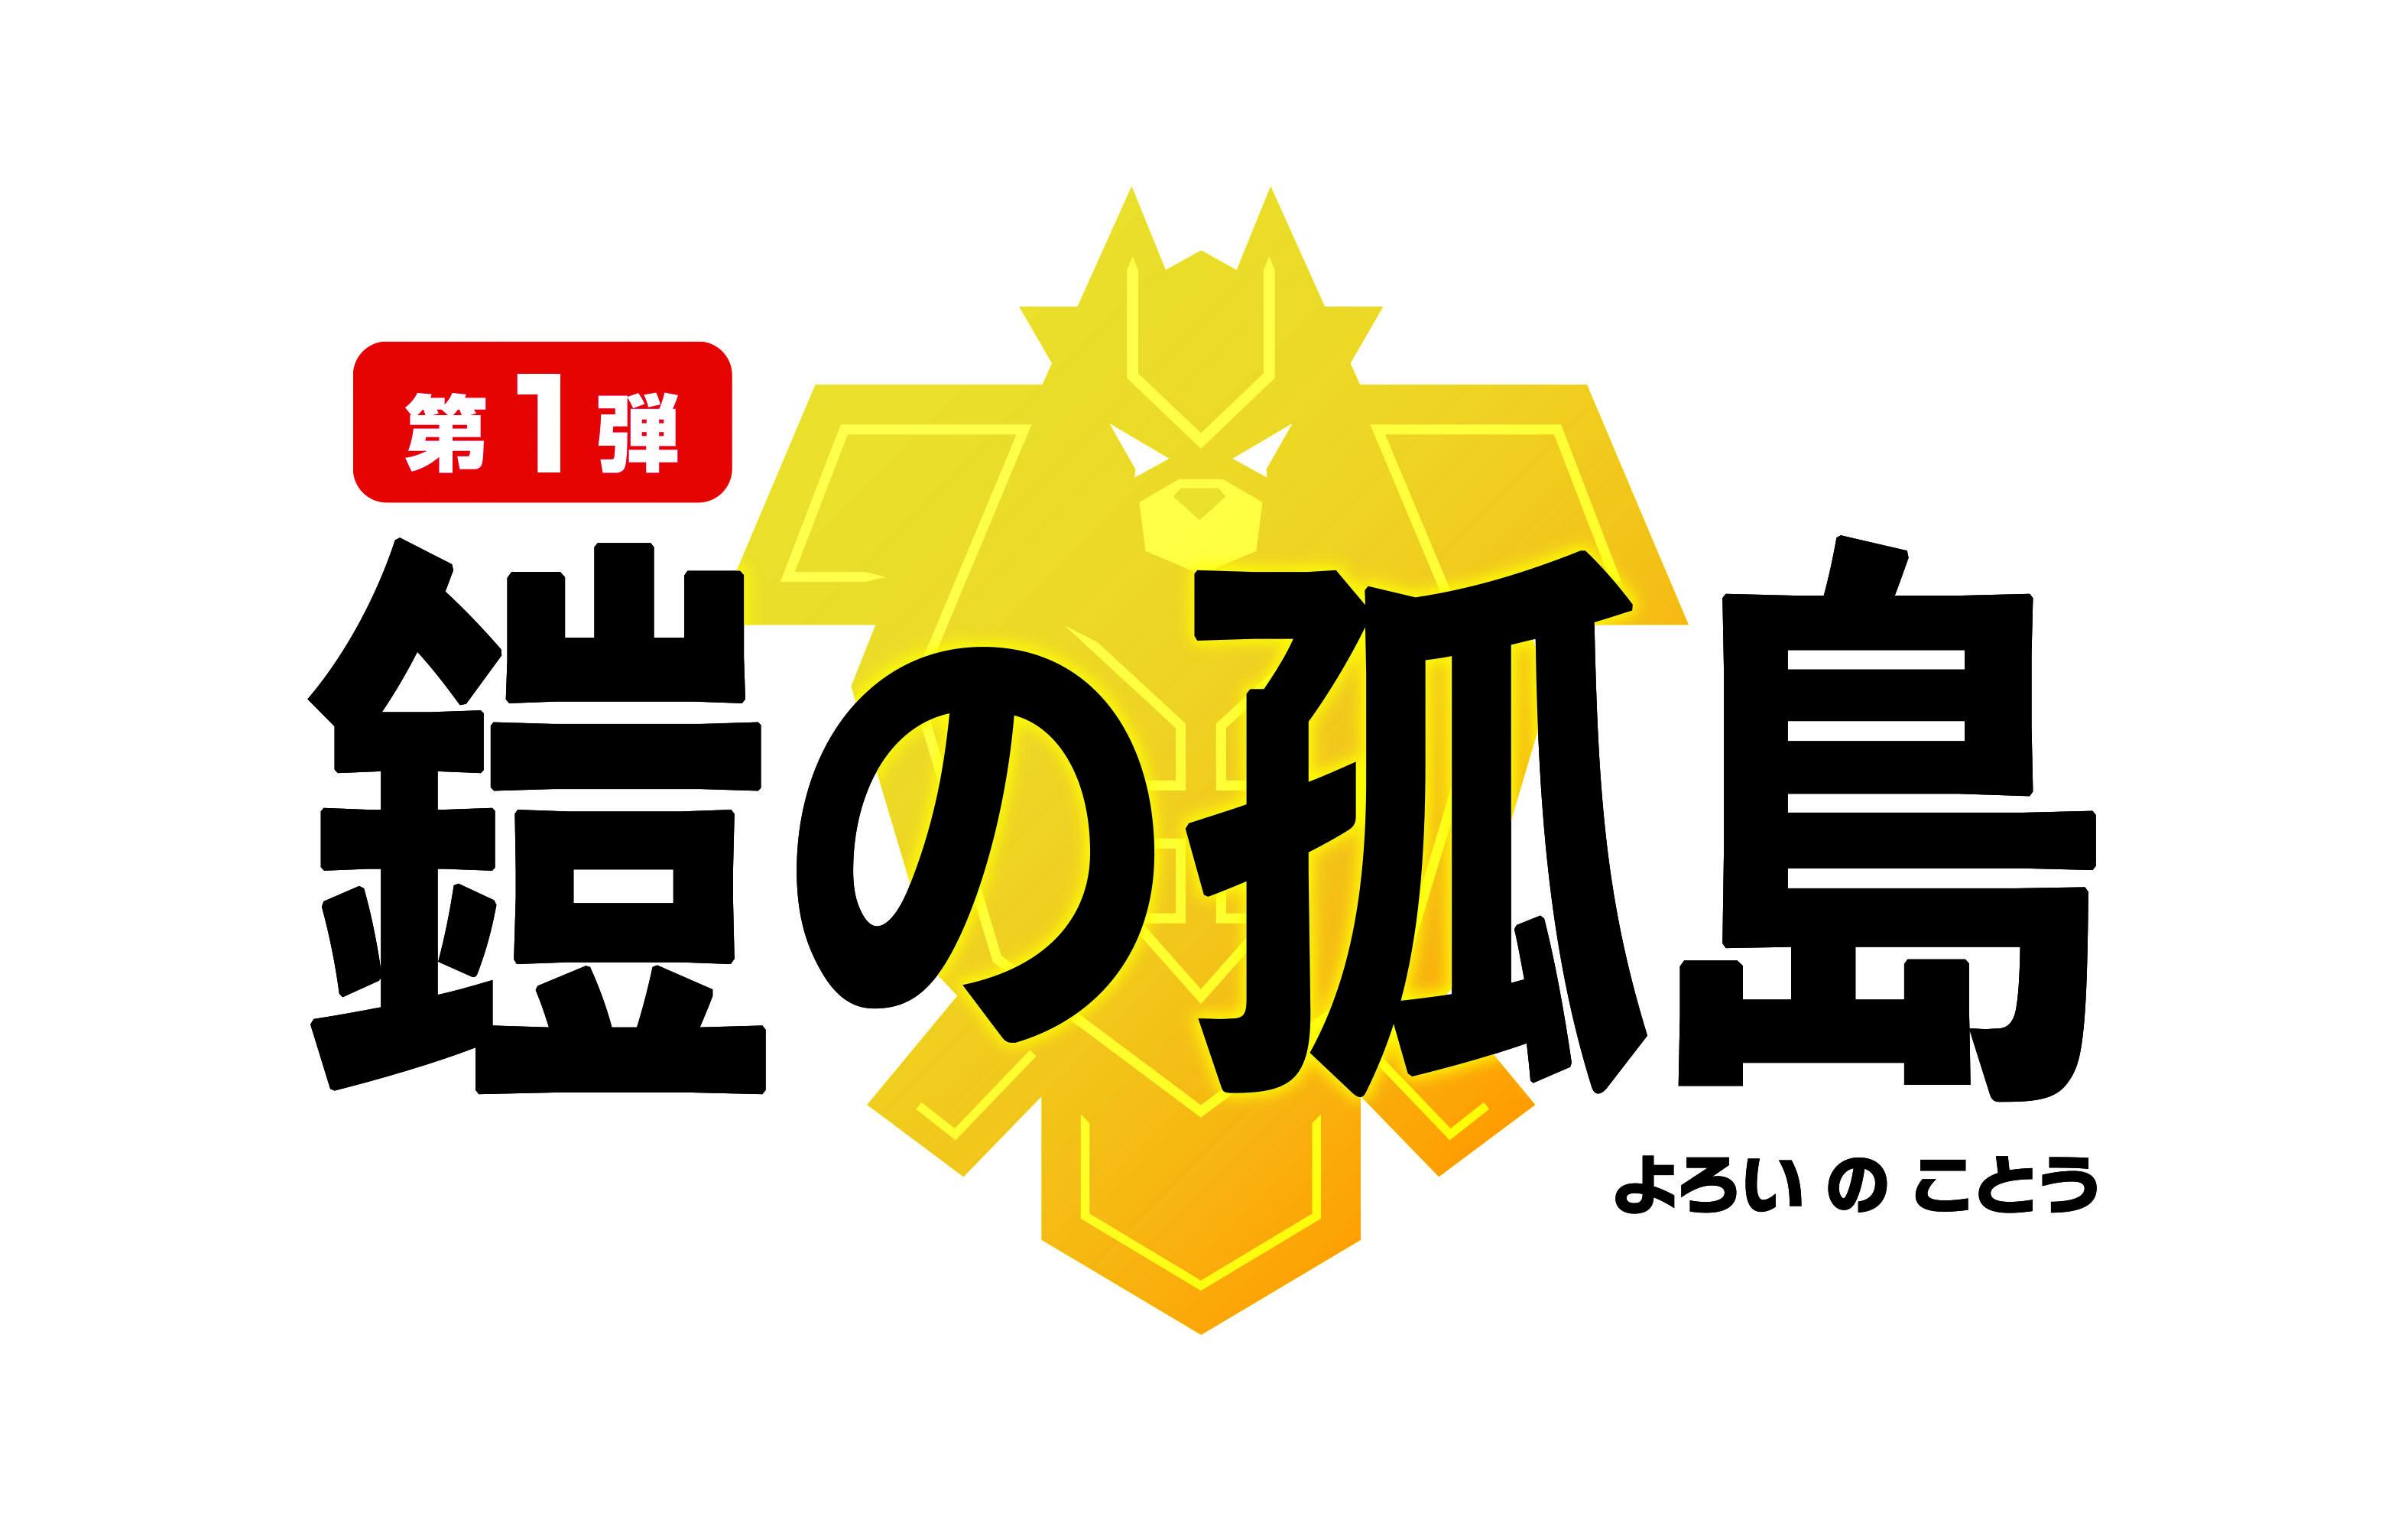 『ポケットモンスター ソード・シールド エキスパンションパス』第1弾「鎧の孤島」ロゴ (C)2020 Pokémon. (C)1995-2020 Nintendo/Creatures Inc. /GAME FREAK inc.